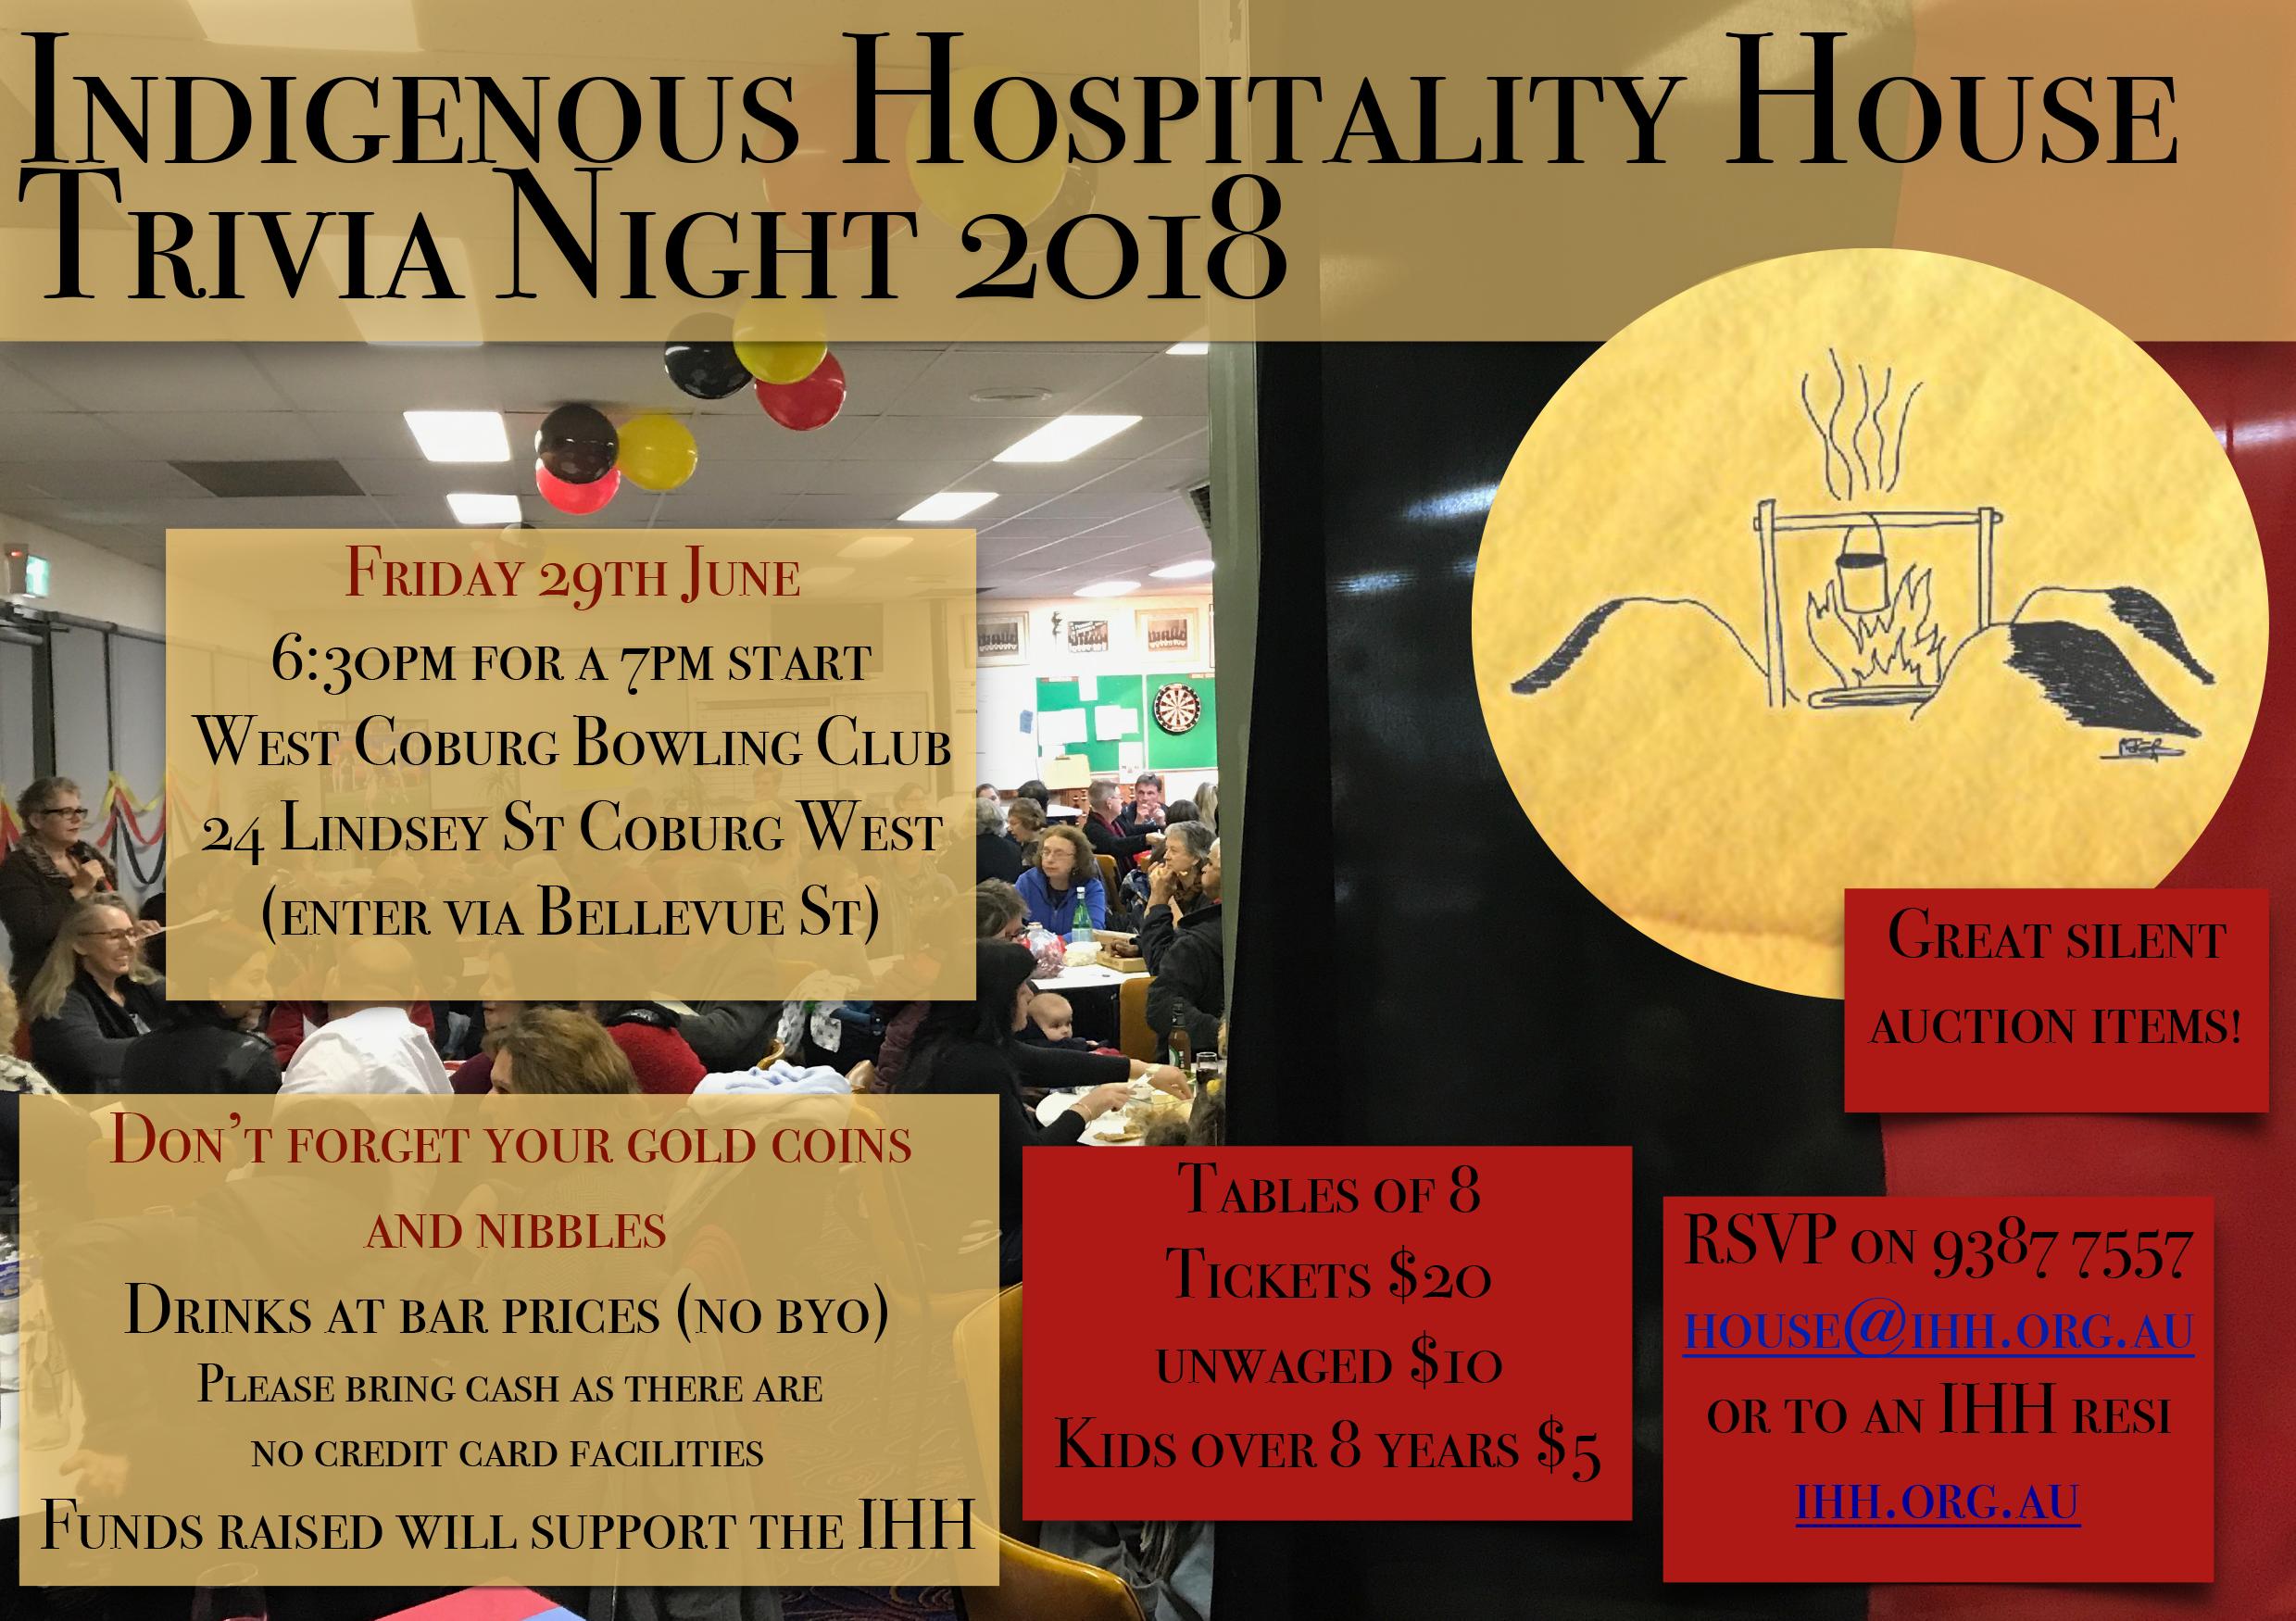 IHH Trivia night ad 2018 A5 (1).png